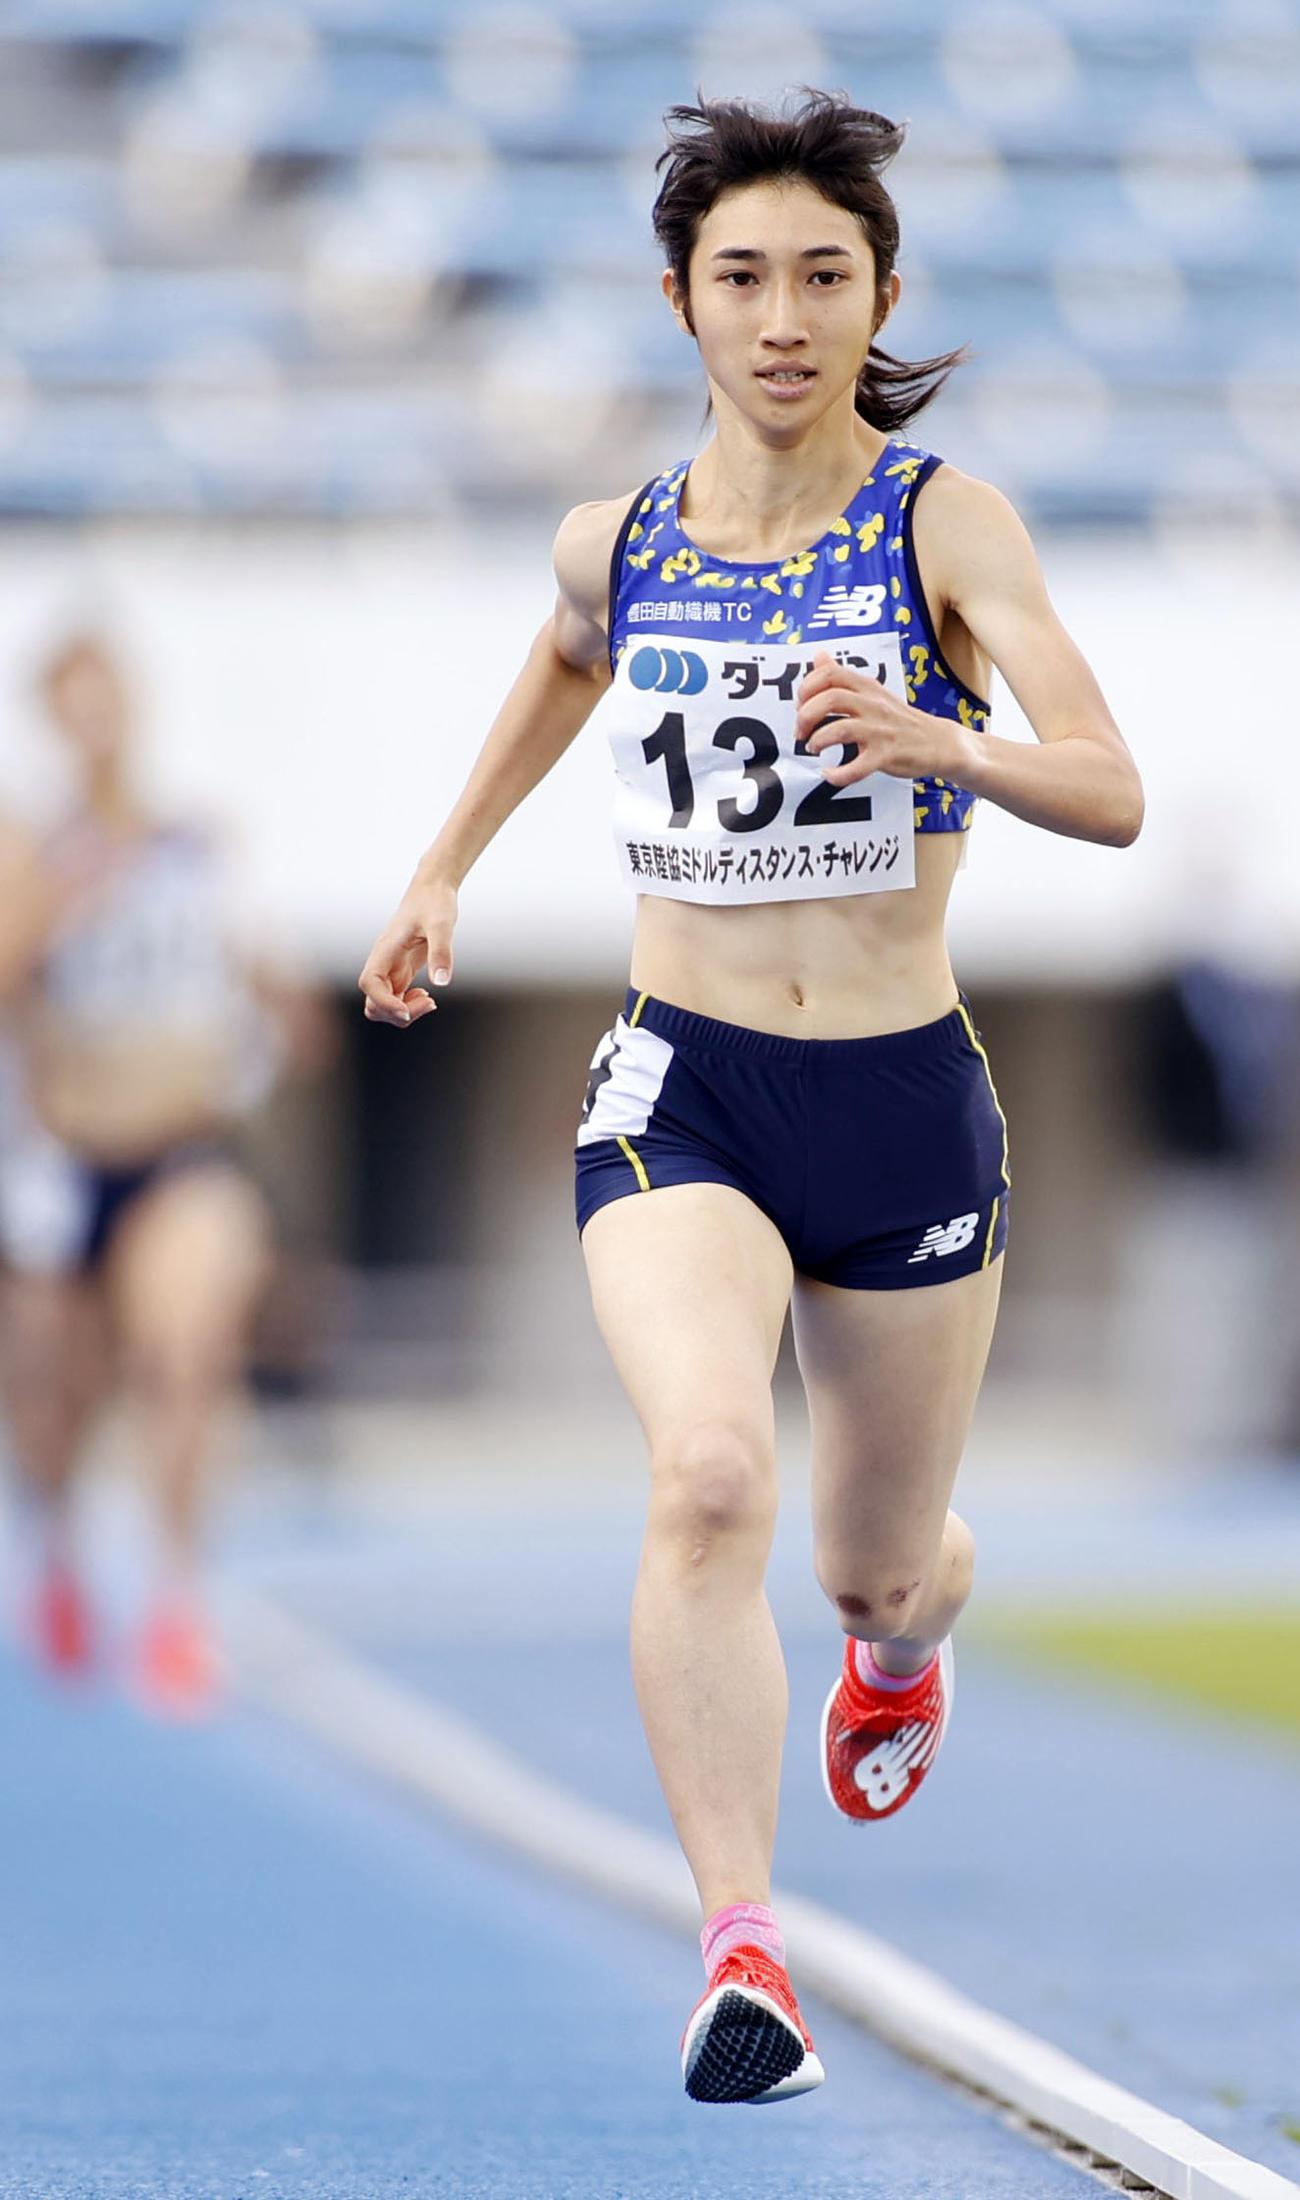 女子1500 メートル  4分10秒41で快勝した田中希実(共同)